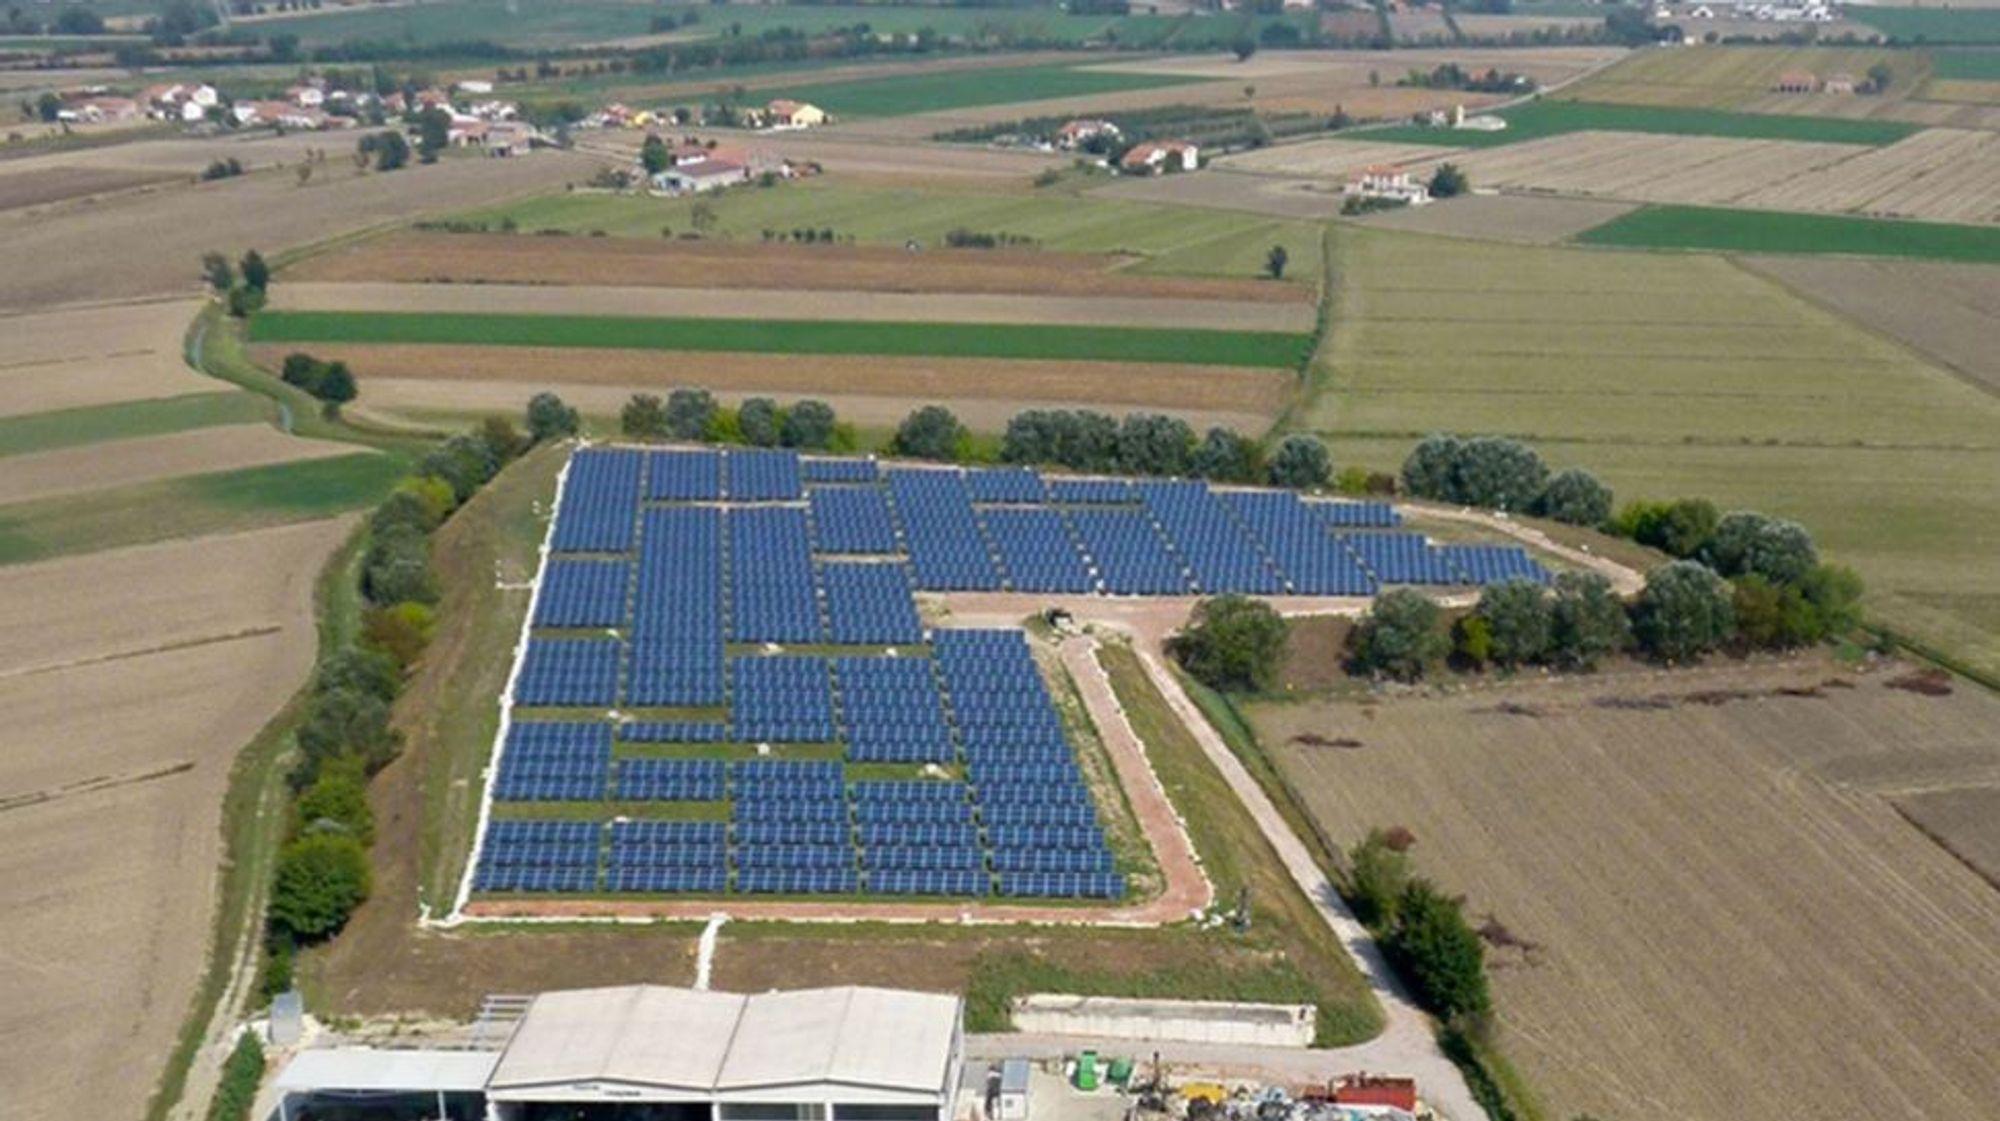 Fra fem til femti: I dag eier Aega ASA fem solparker i Italia. Nå vil selskapet tidoble antallet og jakter på gode kjøp blant nær 9000 små solparker uner 5 MW. Her er en av Aega-parkene, Magnacavallo i Nord-Italia.